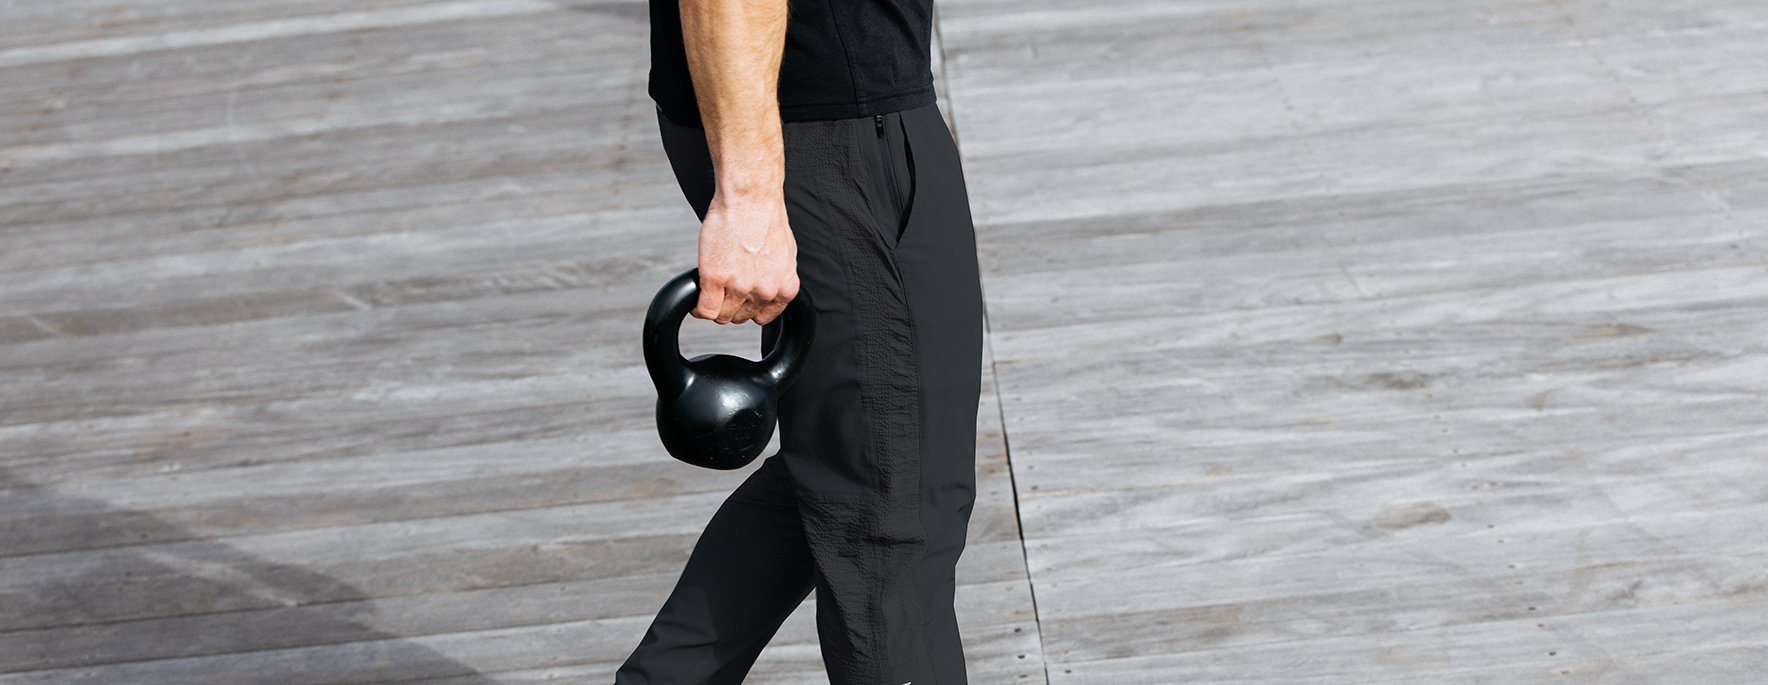 Men's Training - tasc Performance